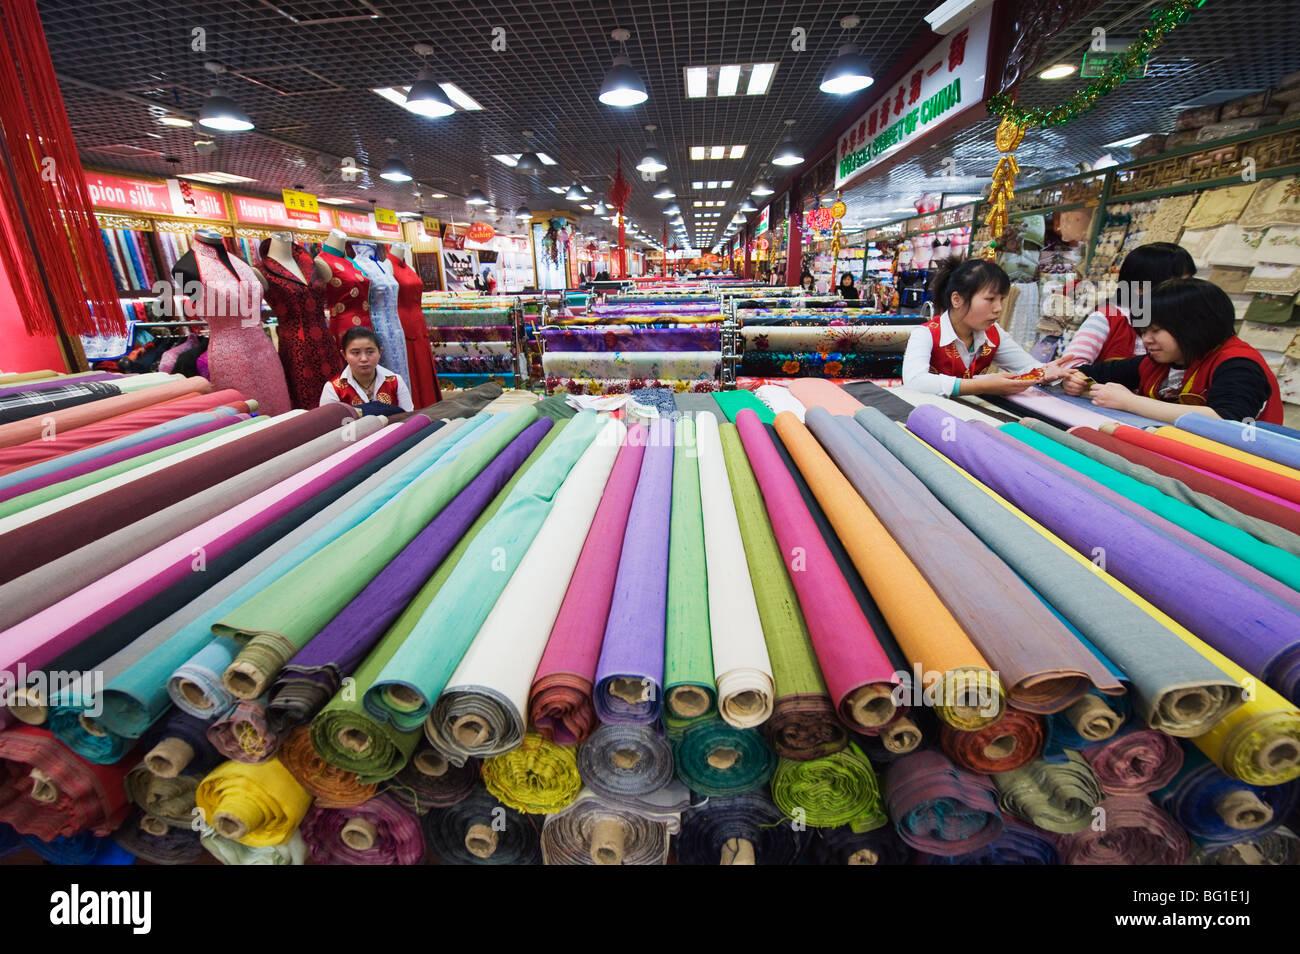 Marché de la soie, Beijing, China, Asia Photo Stock